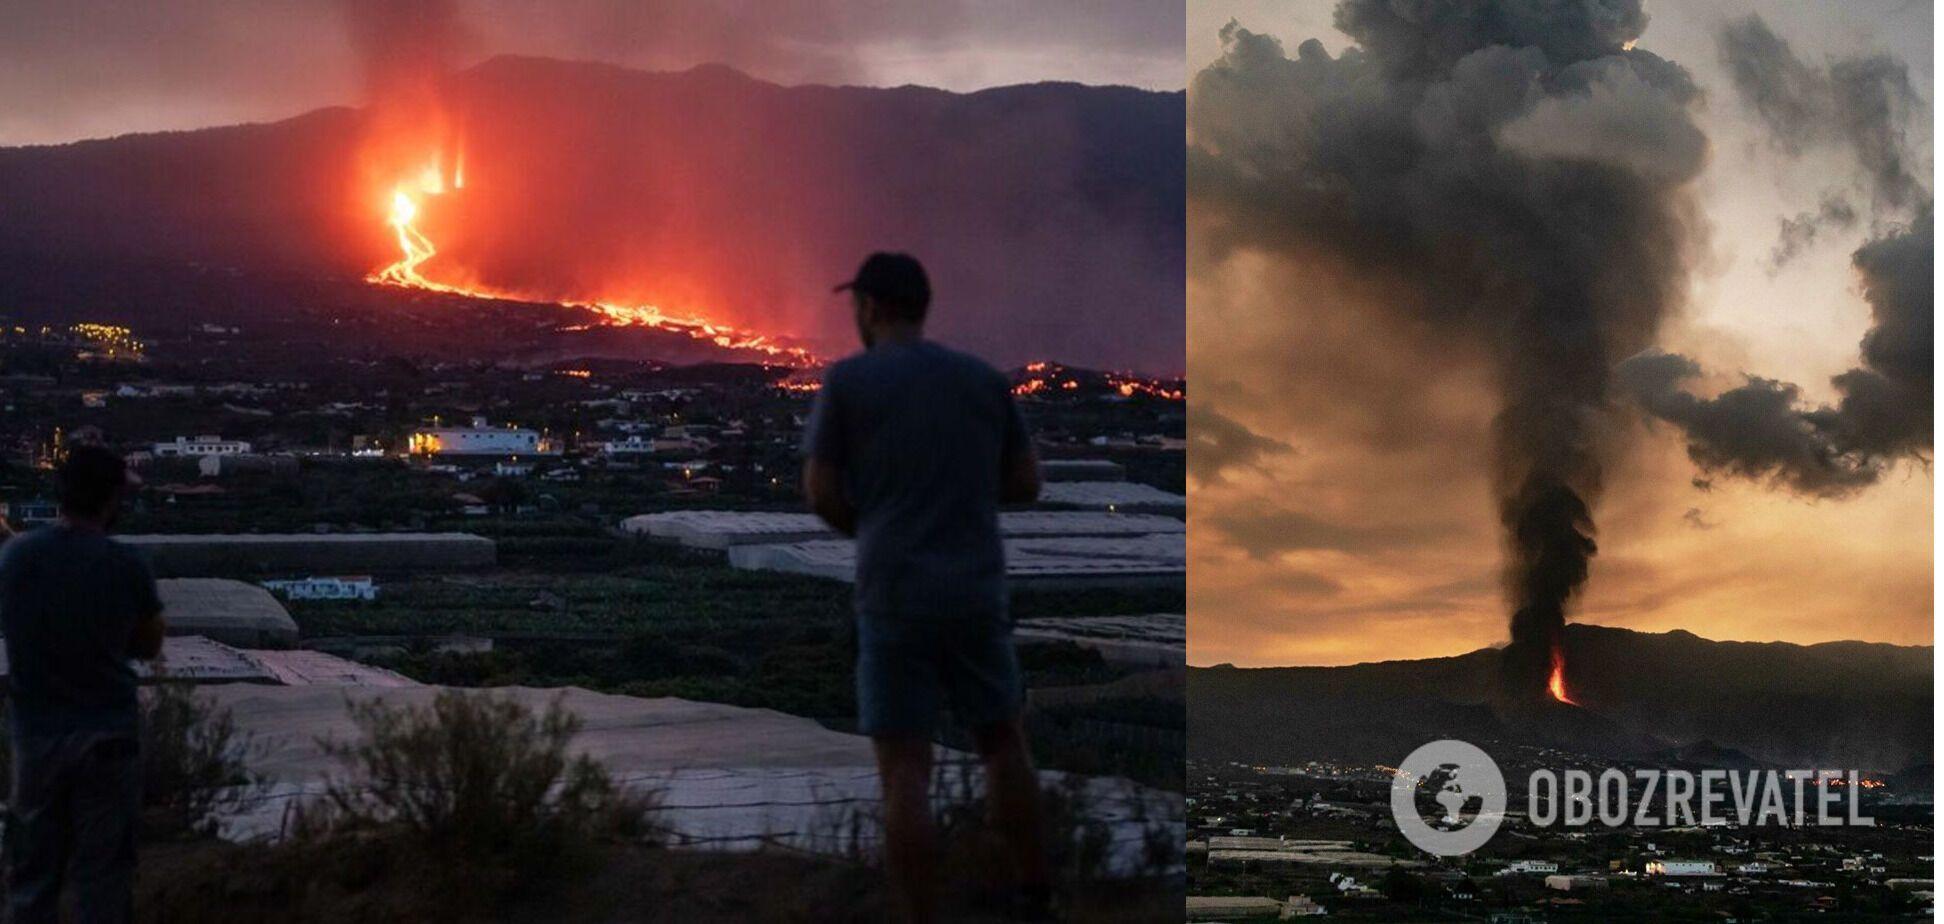 Из ближайших к вулкану районов эвакуировали тысячи людей